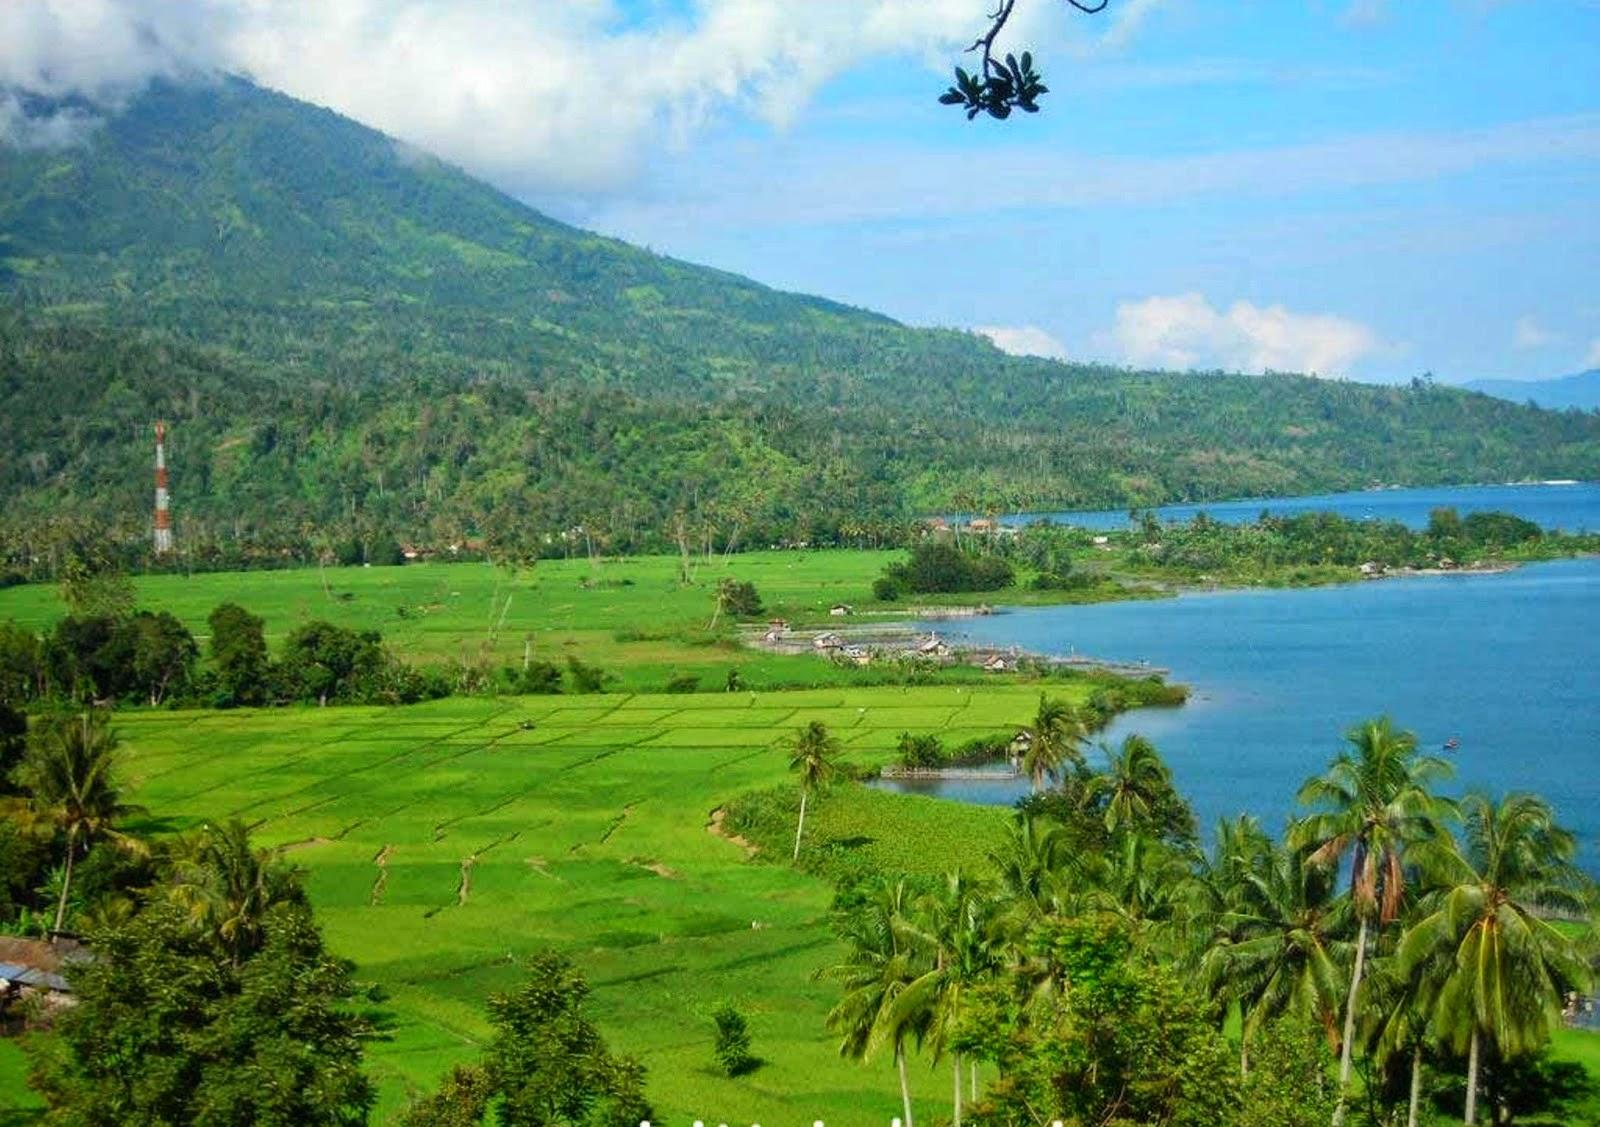 Kumpulan Gambar Pemandangan Gunung Yang Indah Di Dunia Makalah